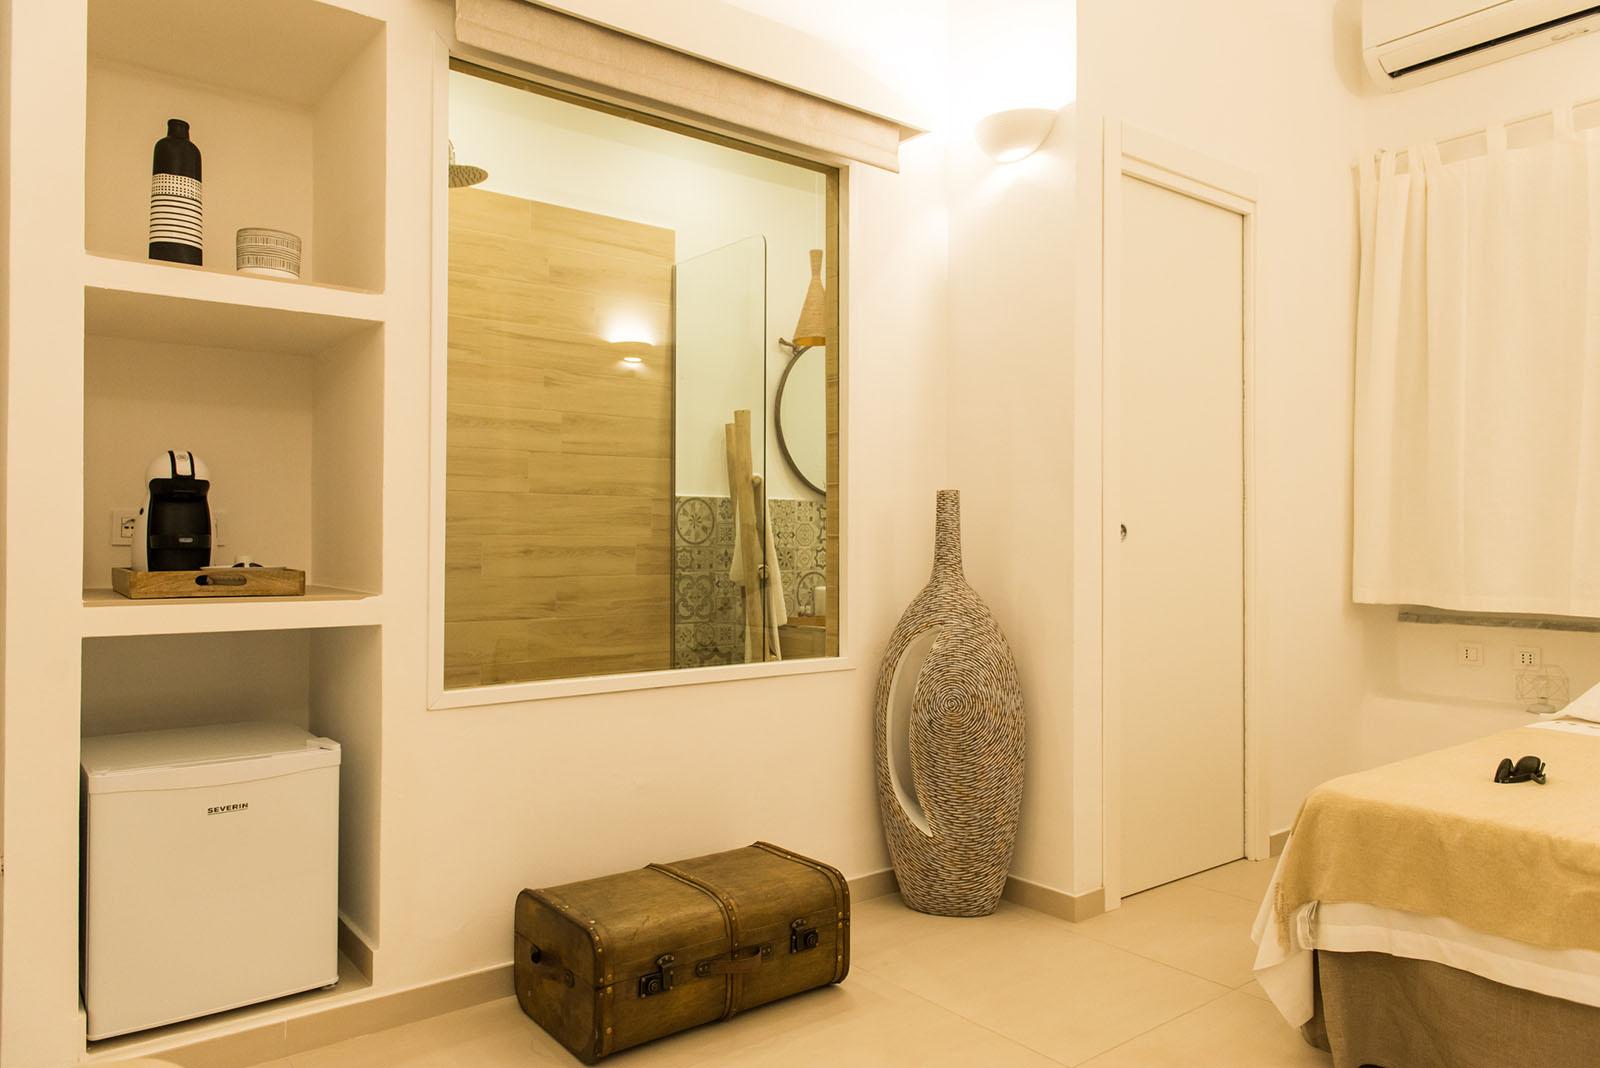 bed and breakfast agropoli progettazione architettonica domotica salerno break for two mare sea room 1 b&b